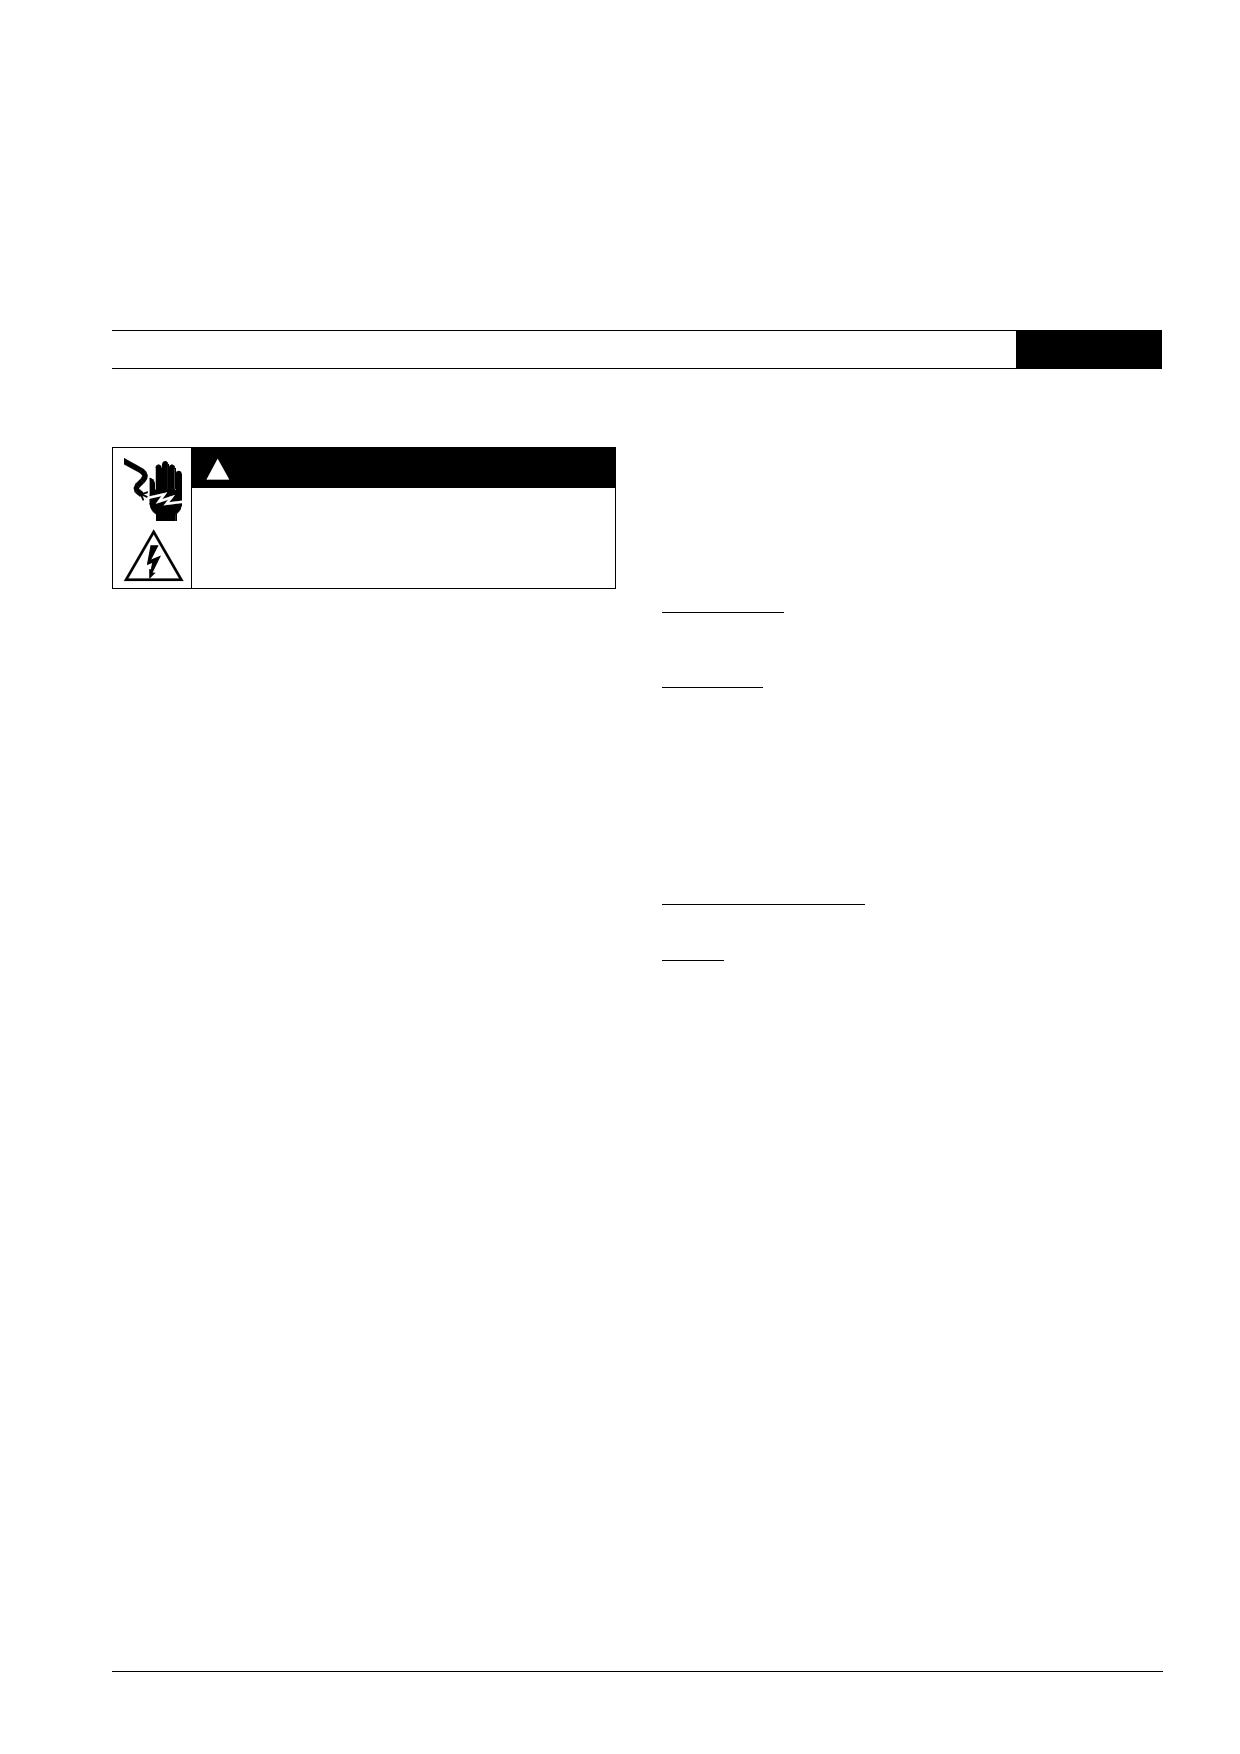 3TB5617-0B pdf, ピン配列